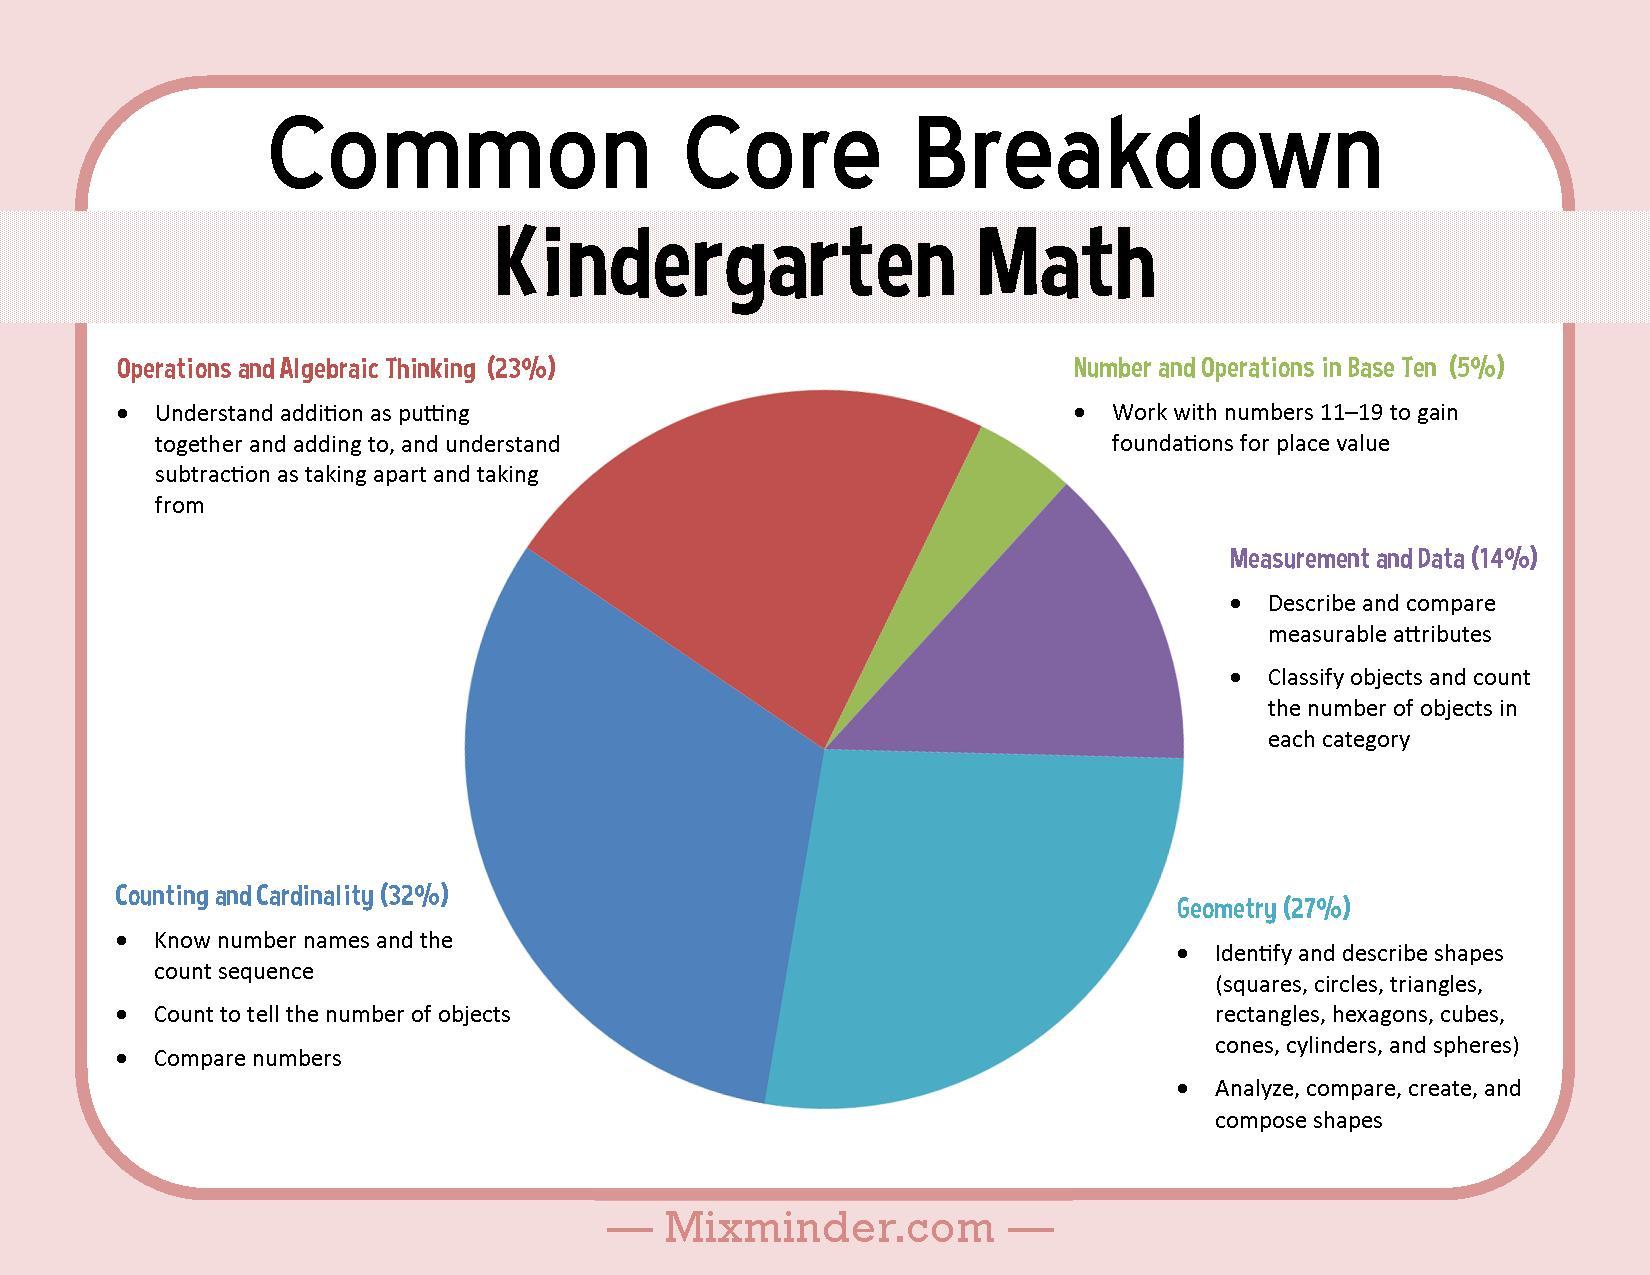 Kindergarten Math Common Core Breakdown